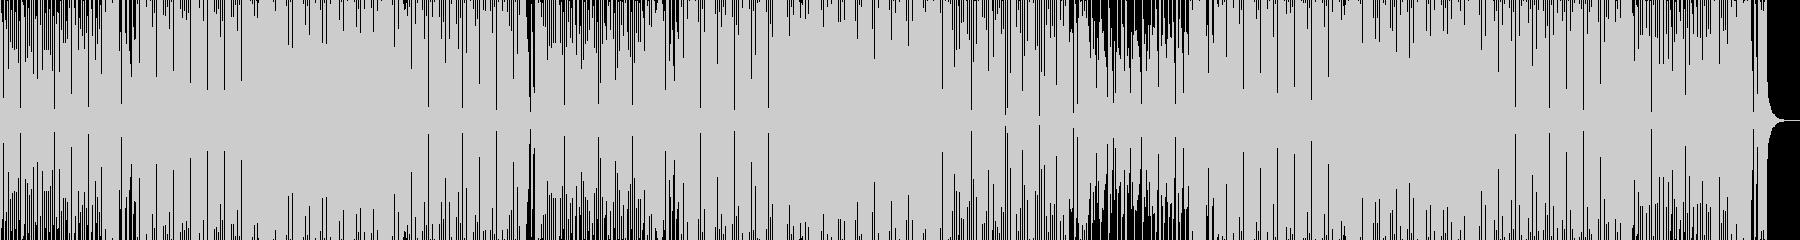 サイバー・EDM・エレクトロ・ダンスの未再生の波形